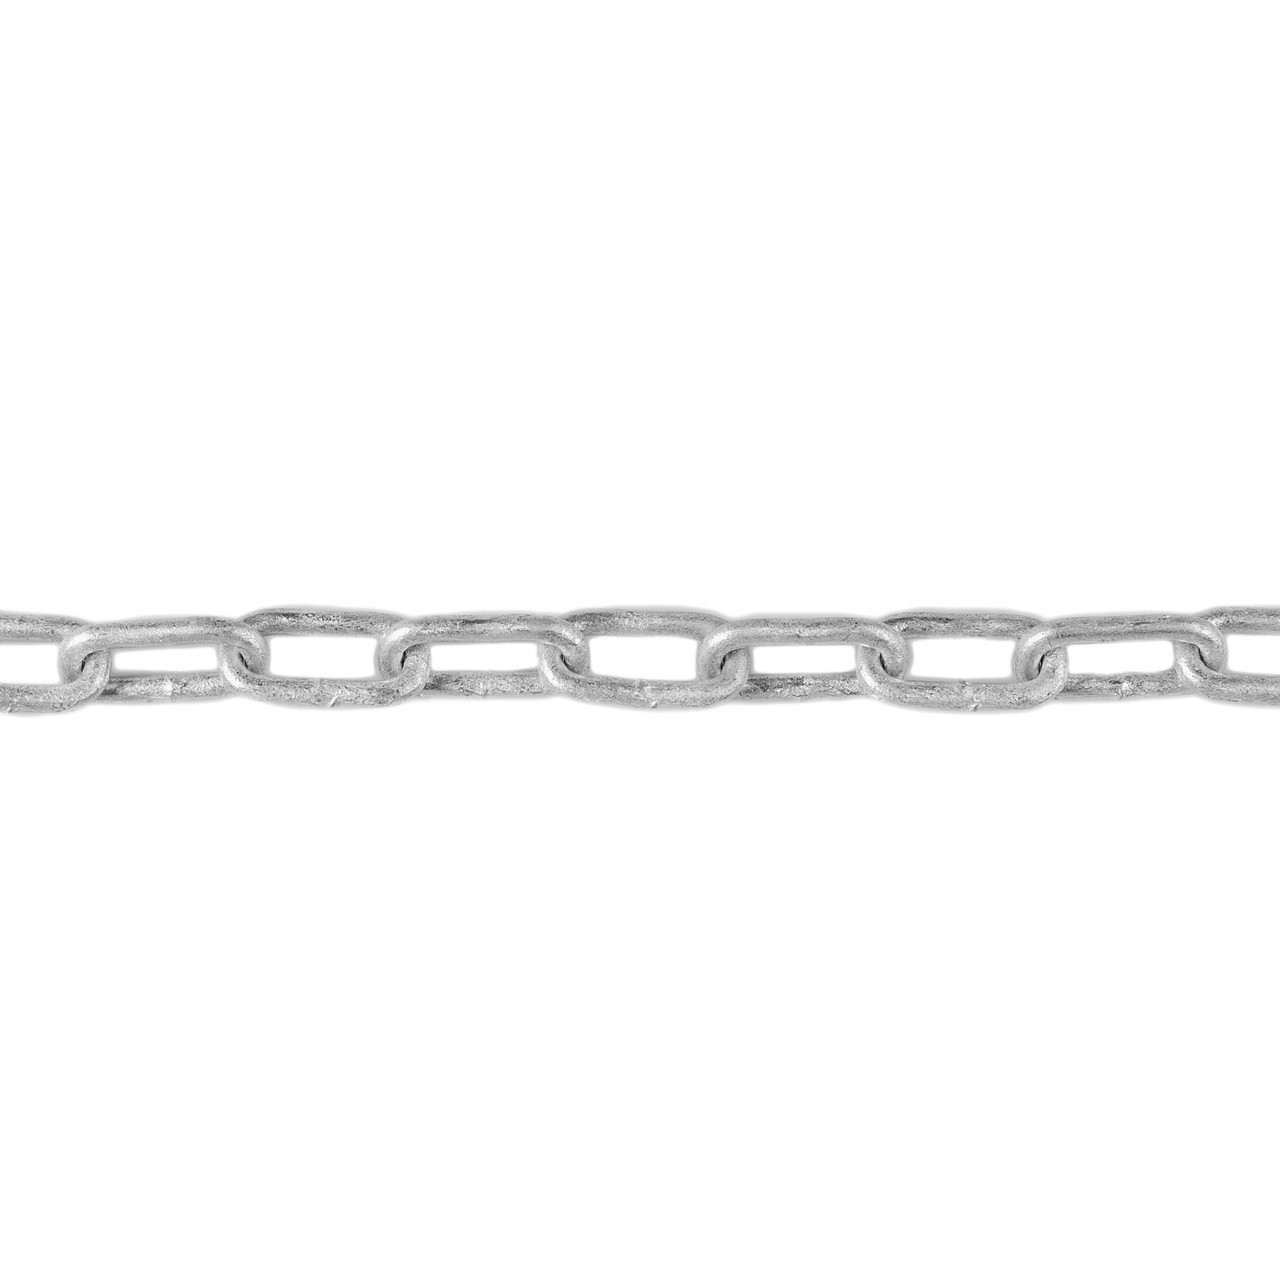 Galvanised Chain 4mm